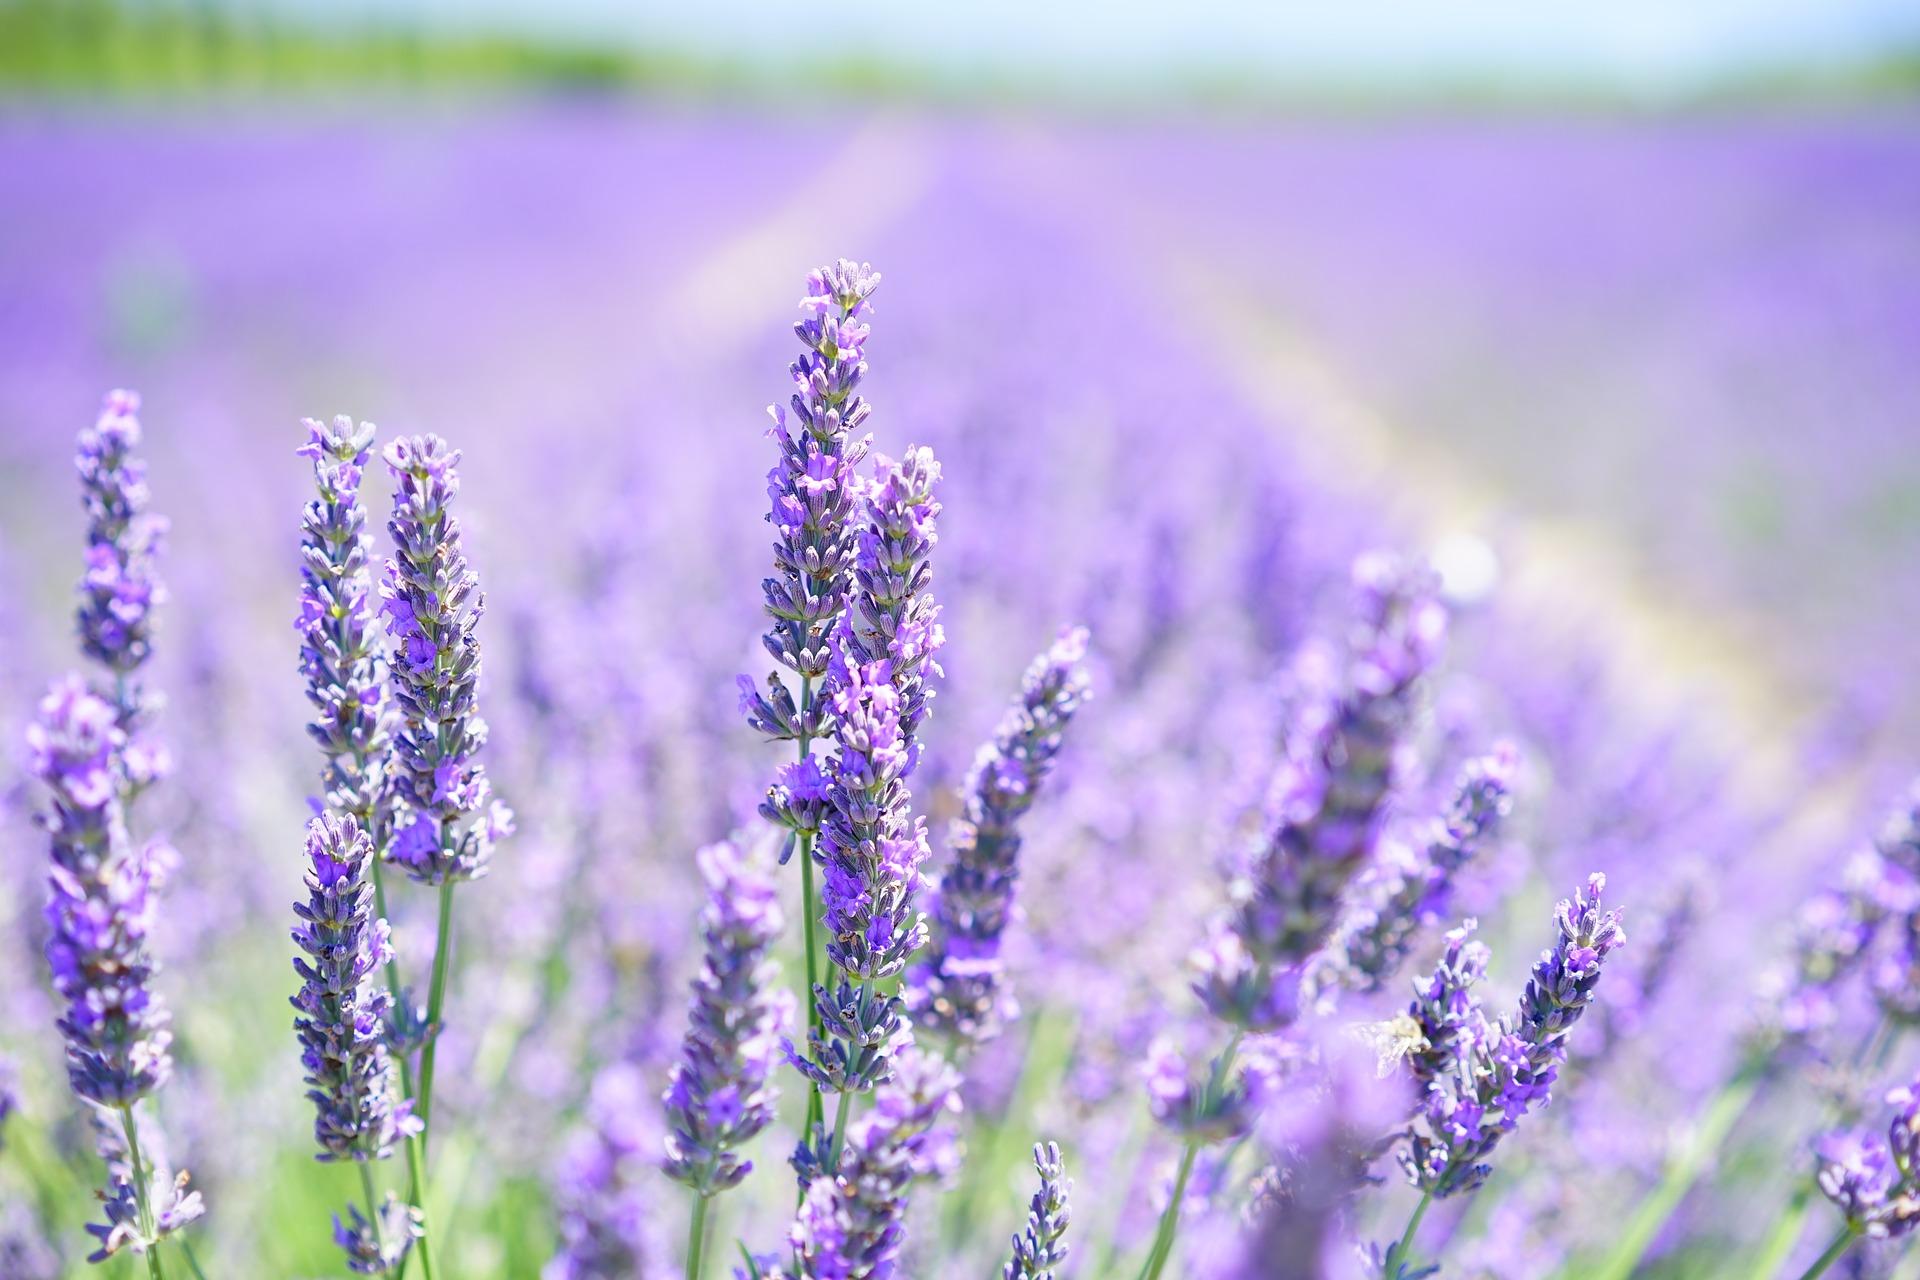 Những Hình ảnh Hoa đẹp Rạng Rỡ Nhất Rung động Trái Tim